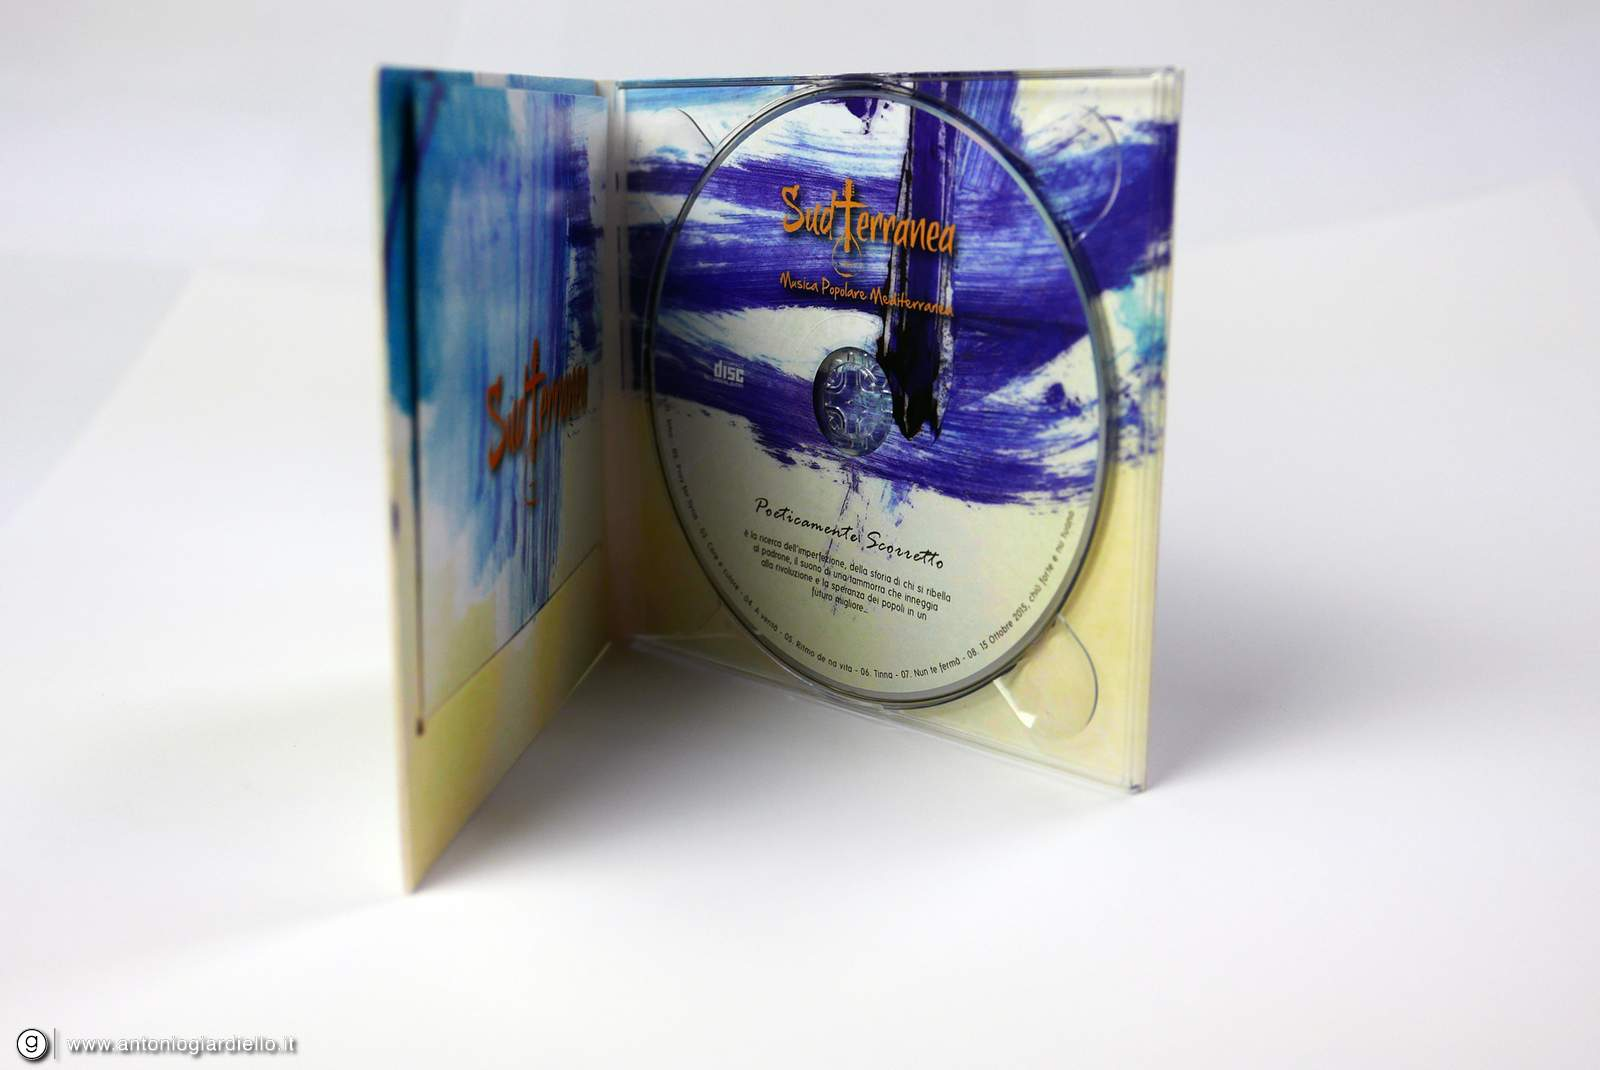 progettazione grafica album musicale poeticamente scorretto dei sudterranea2.jpg